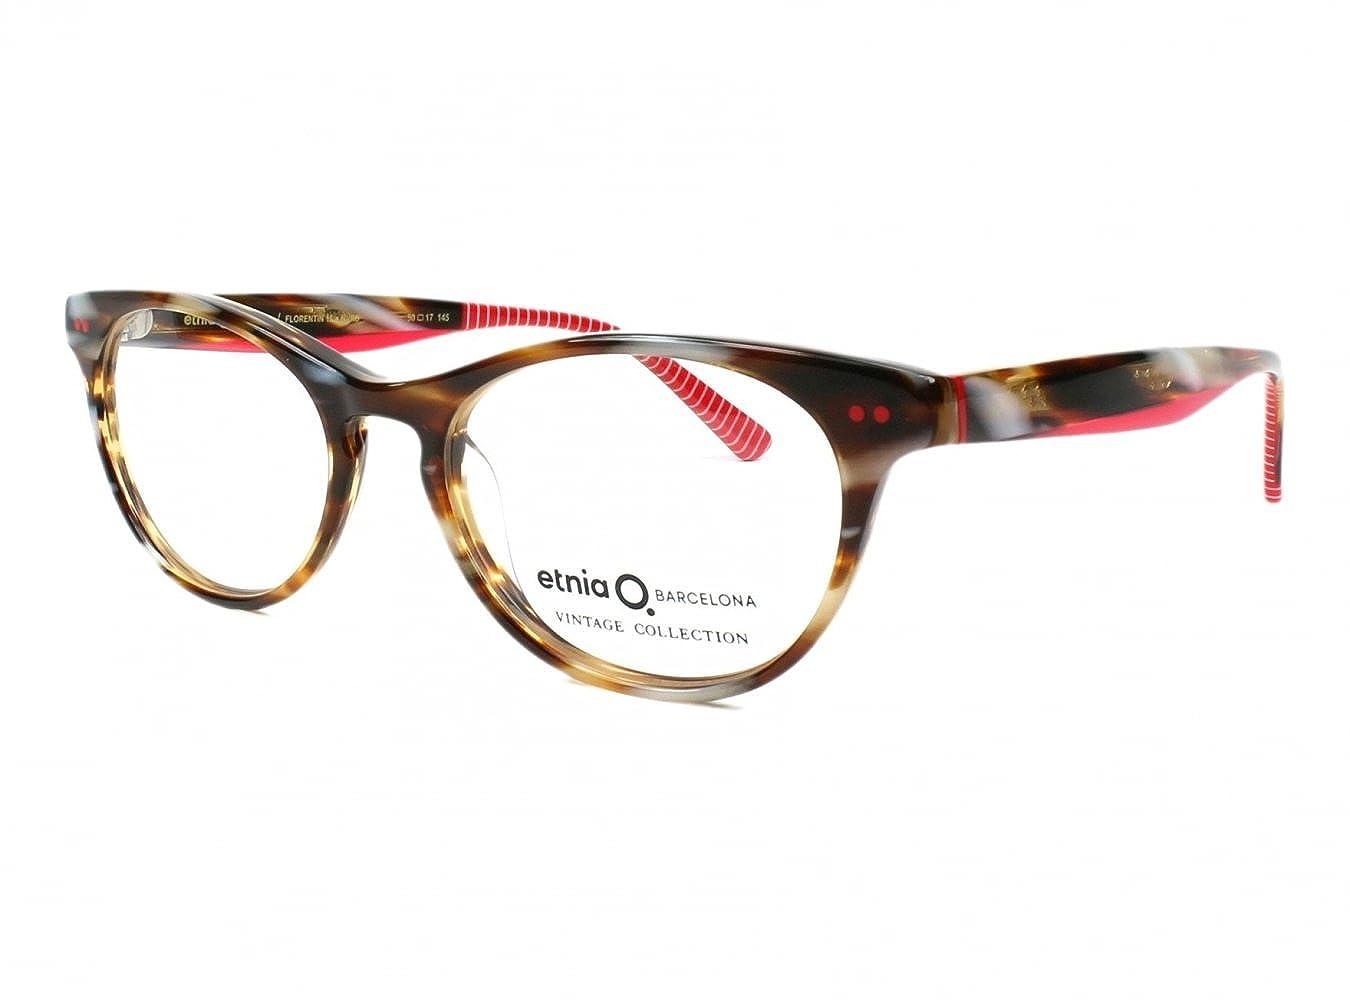 58e27da8cf5e00 Etnia Barcelona frame (FLORENTIN-16 HVRD) Acetate Mix Havana - Transparent  Red